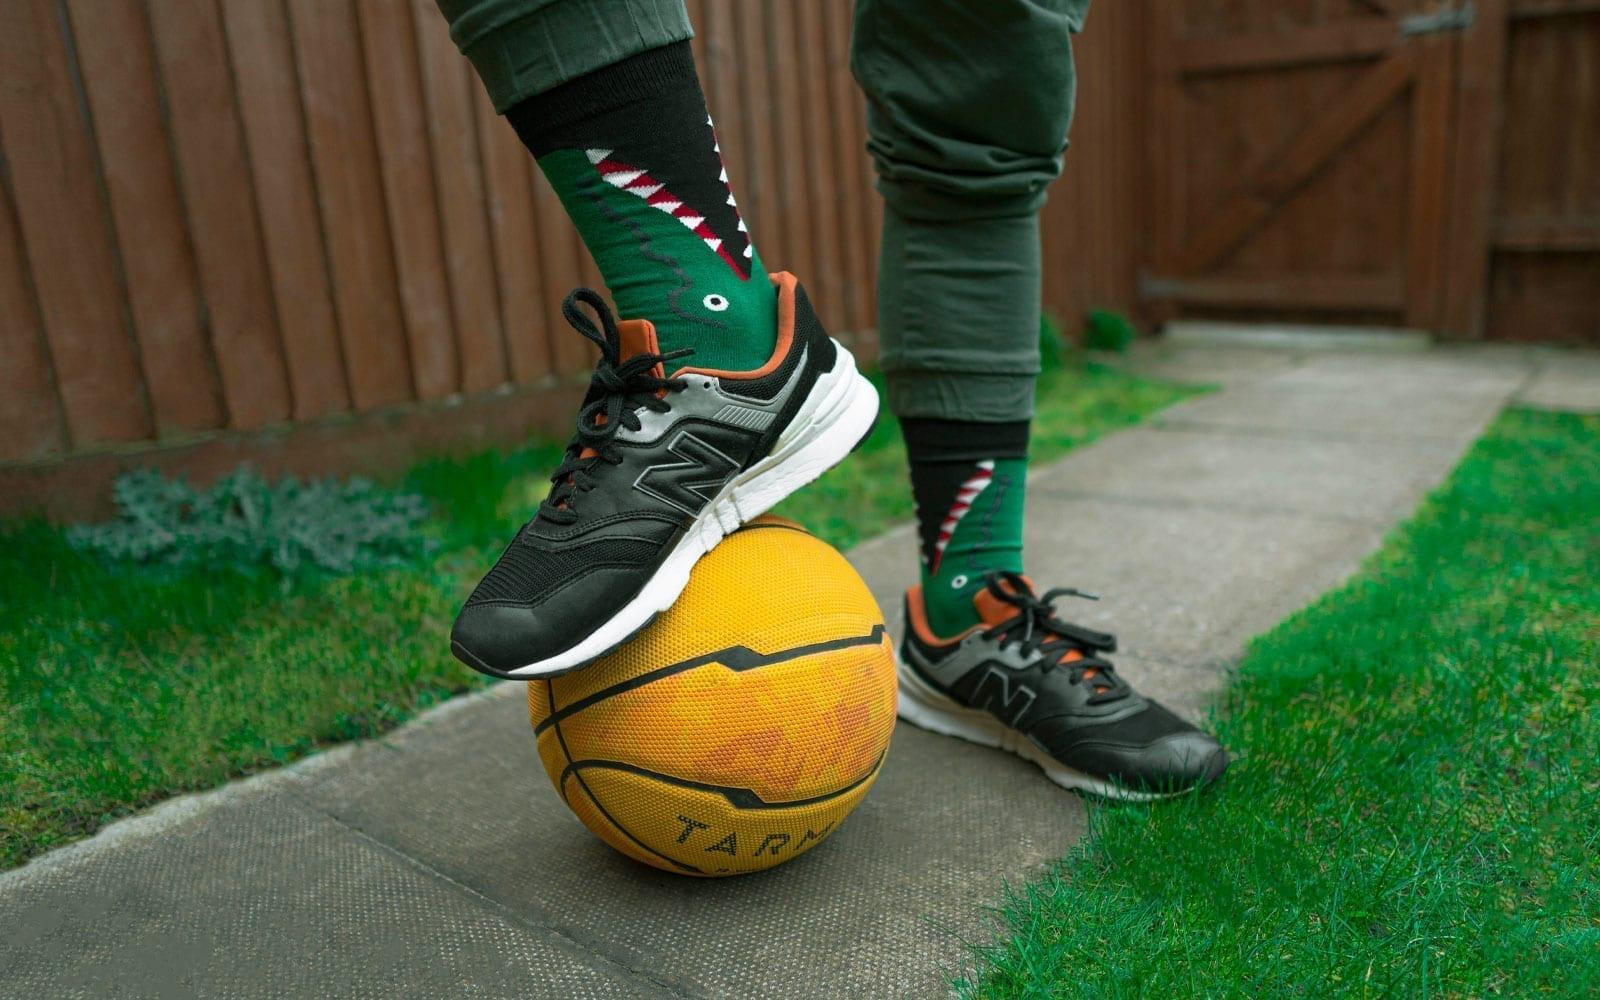 funny socks outfit idea